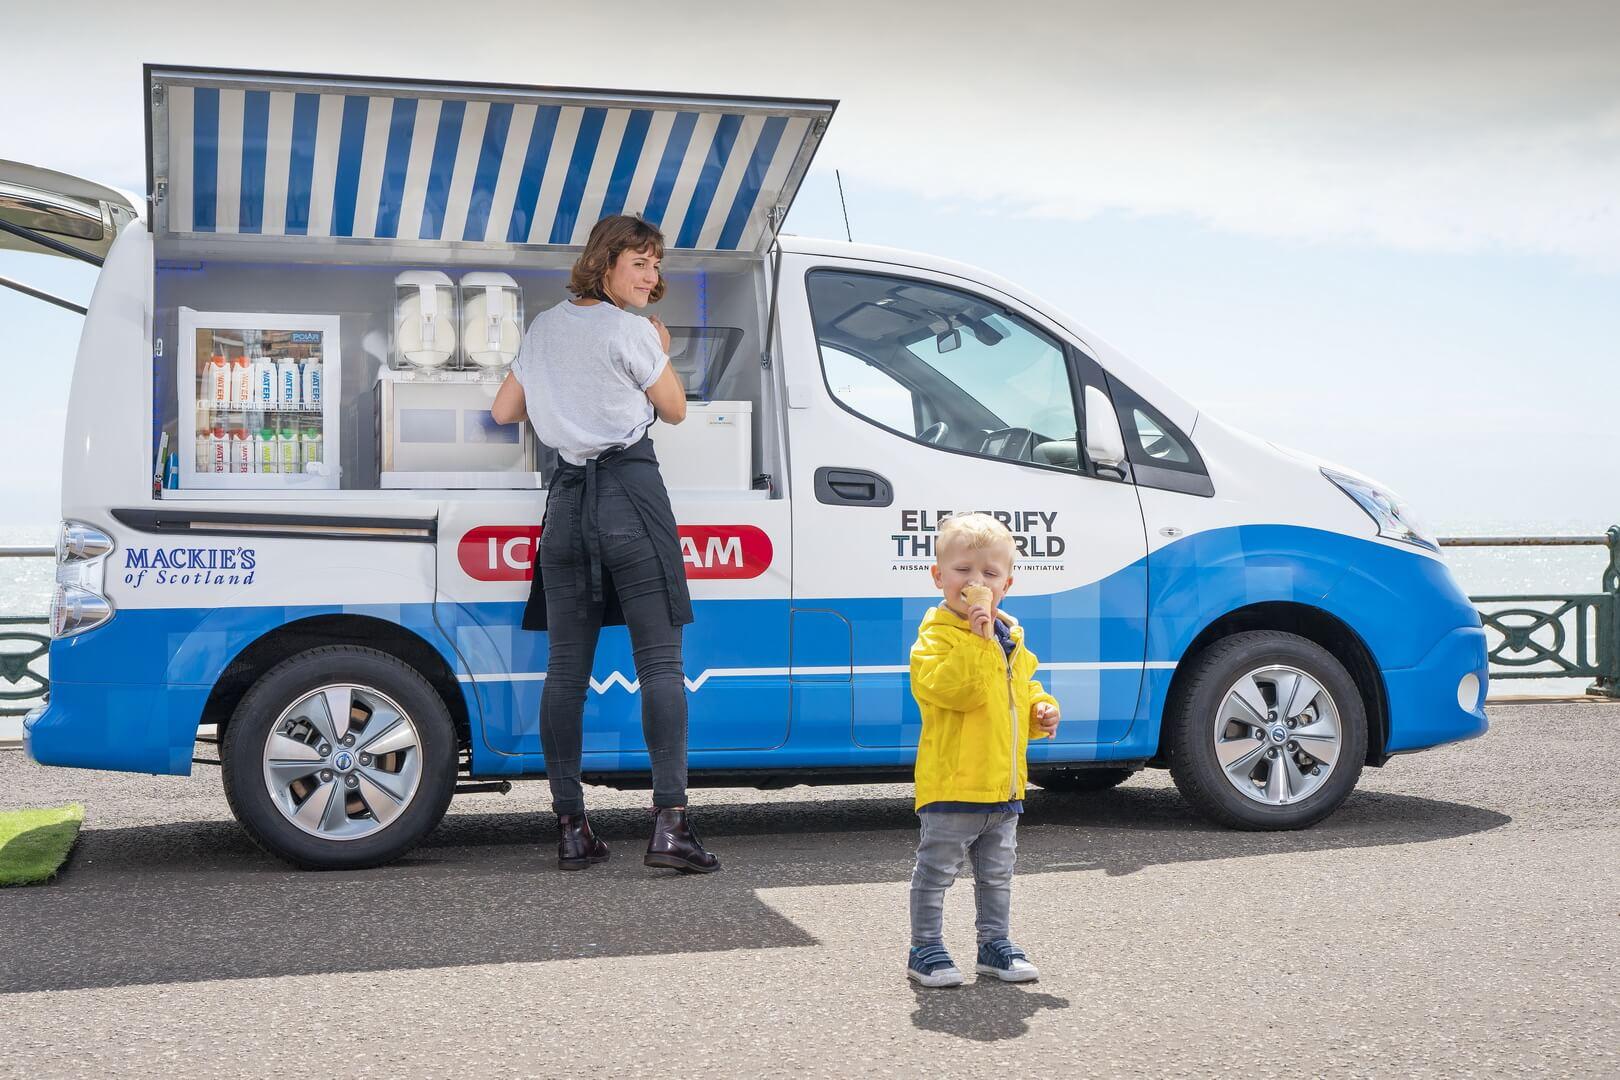 Электромобиль Nissan e-NV200 решил проблему продажи мороженого в Британии